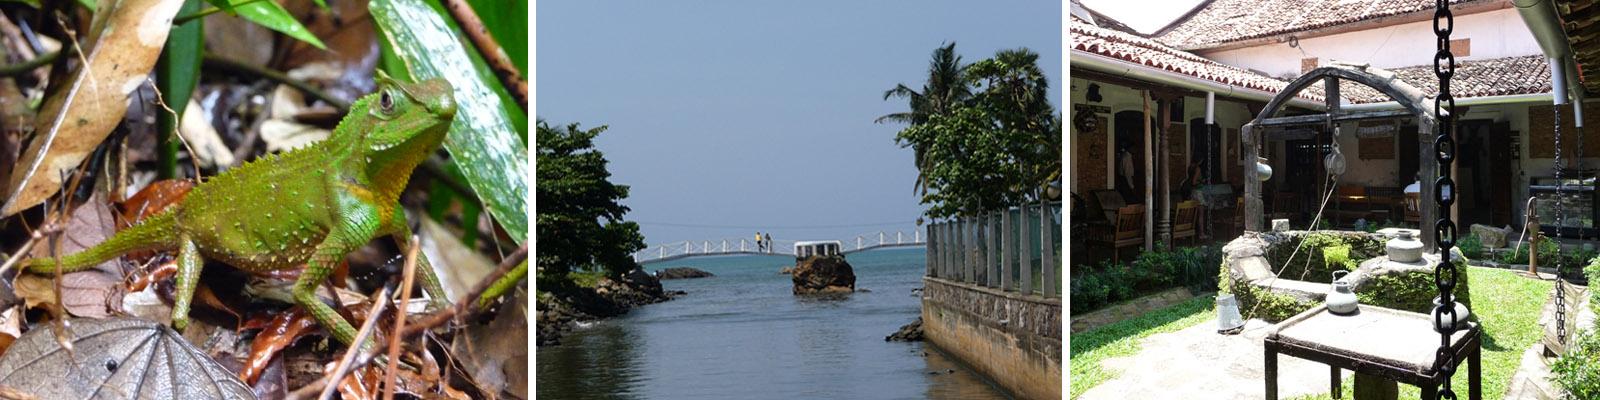 Tagesausflug Sri Lanka